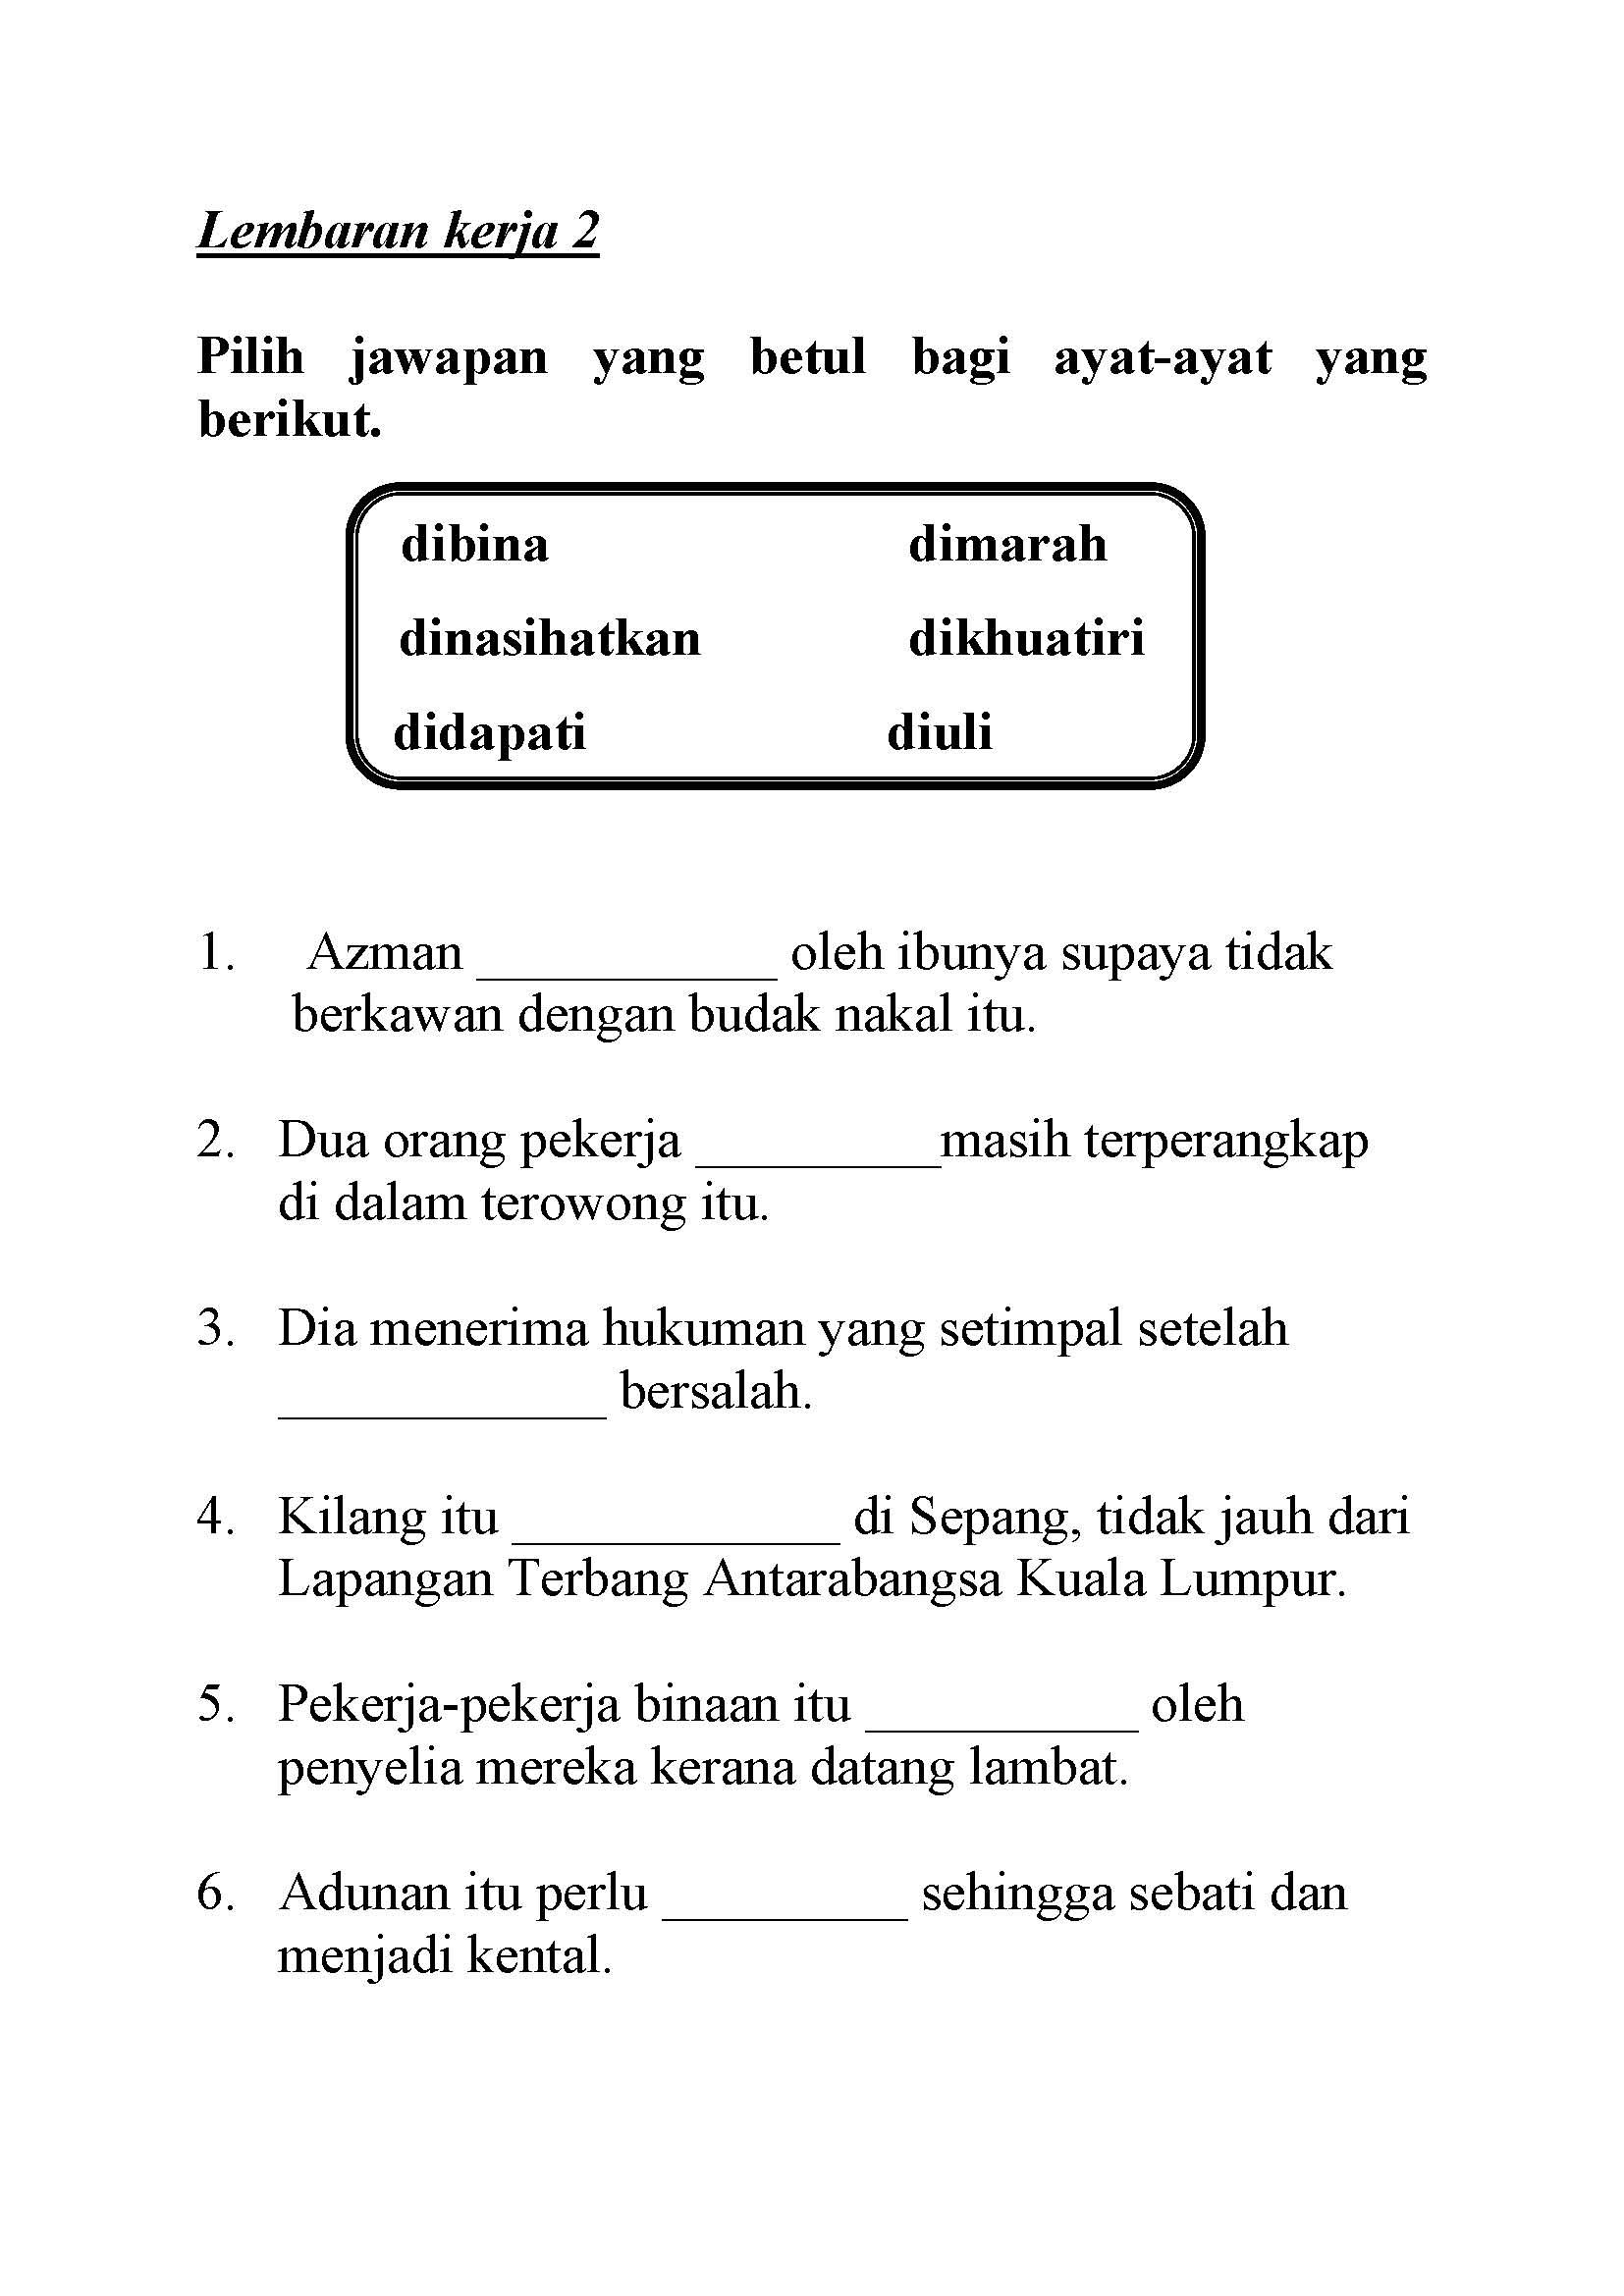 Image Result For Kata Kerja Imbuhan Darjah 1 Abc